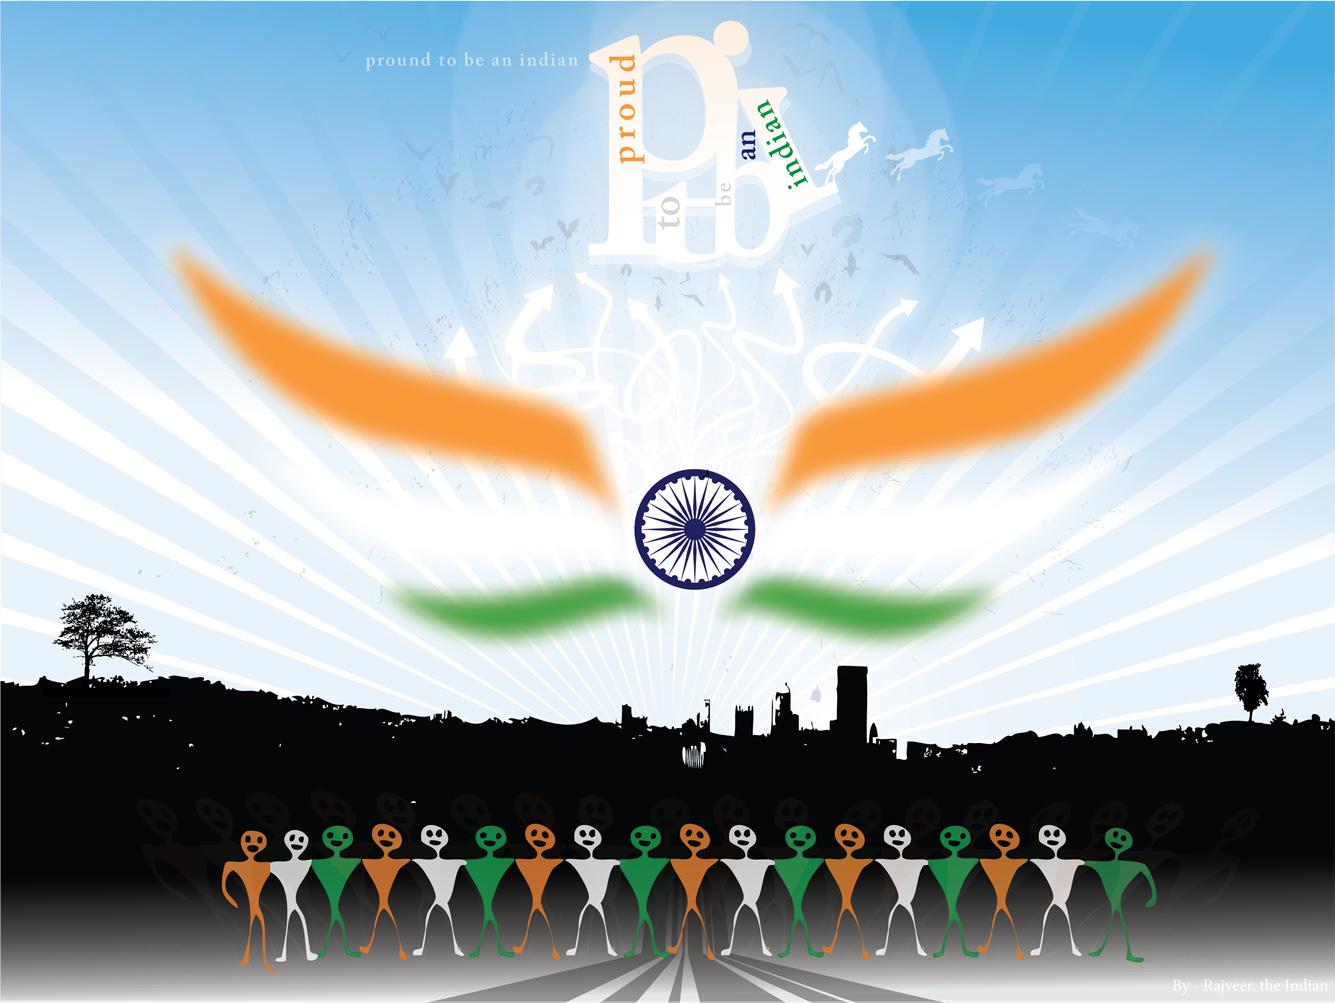 http://3.bp.blogspot.com/-LdlzXxna9Jc/T52ErZSmEuI/AAAAAAAAAbc/7AbyVZMFtGI/s1600/proud_to_be_an_indian.jpg